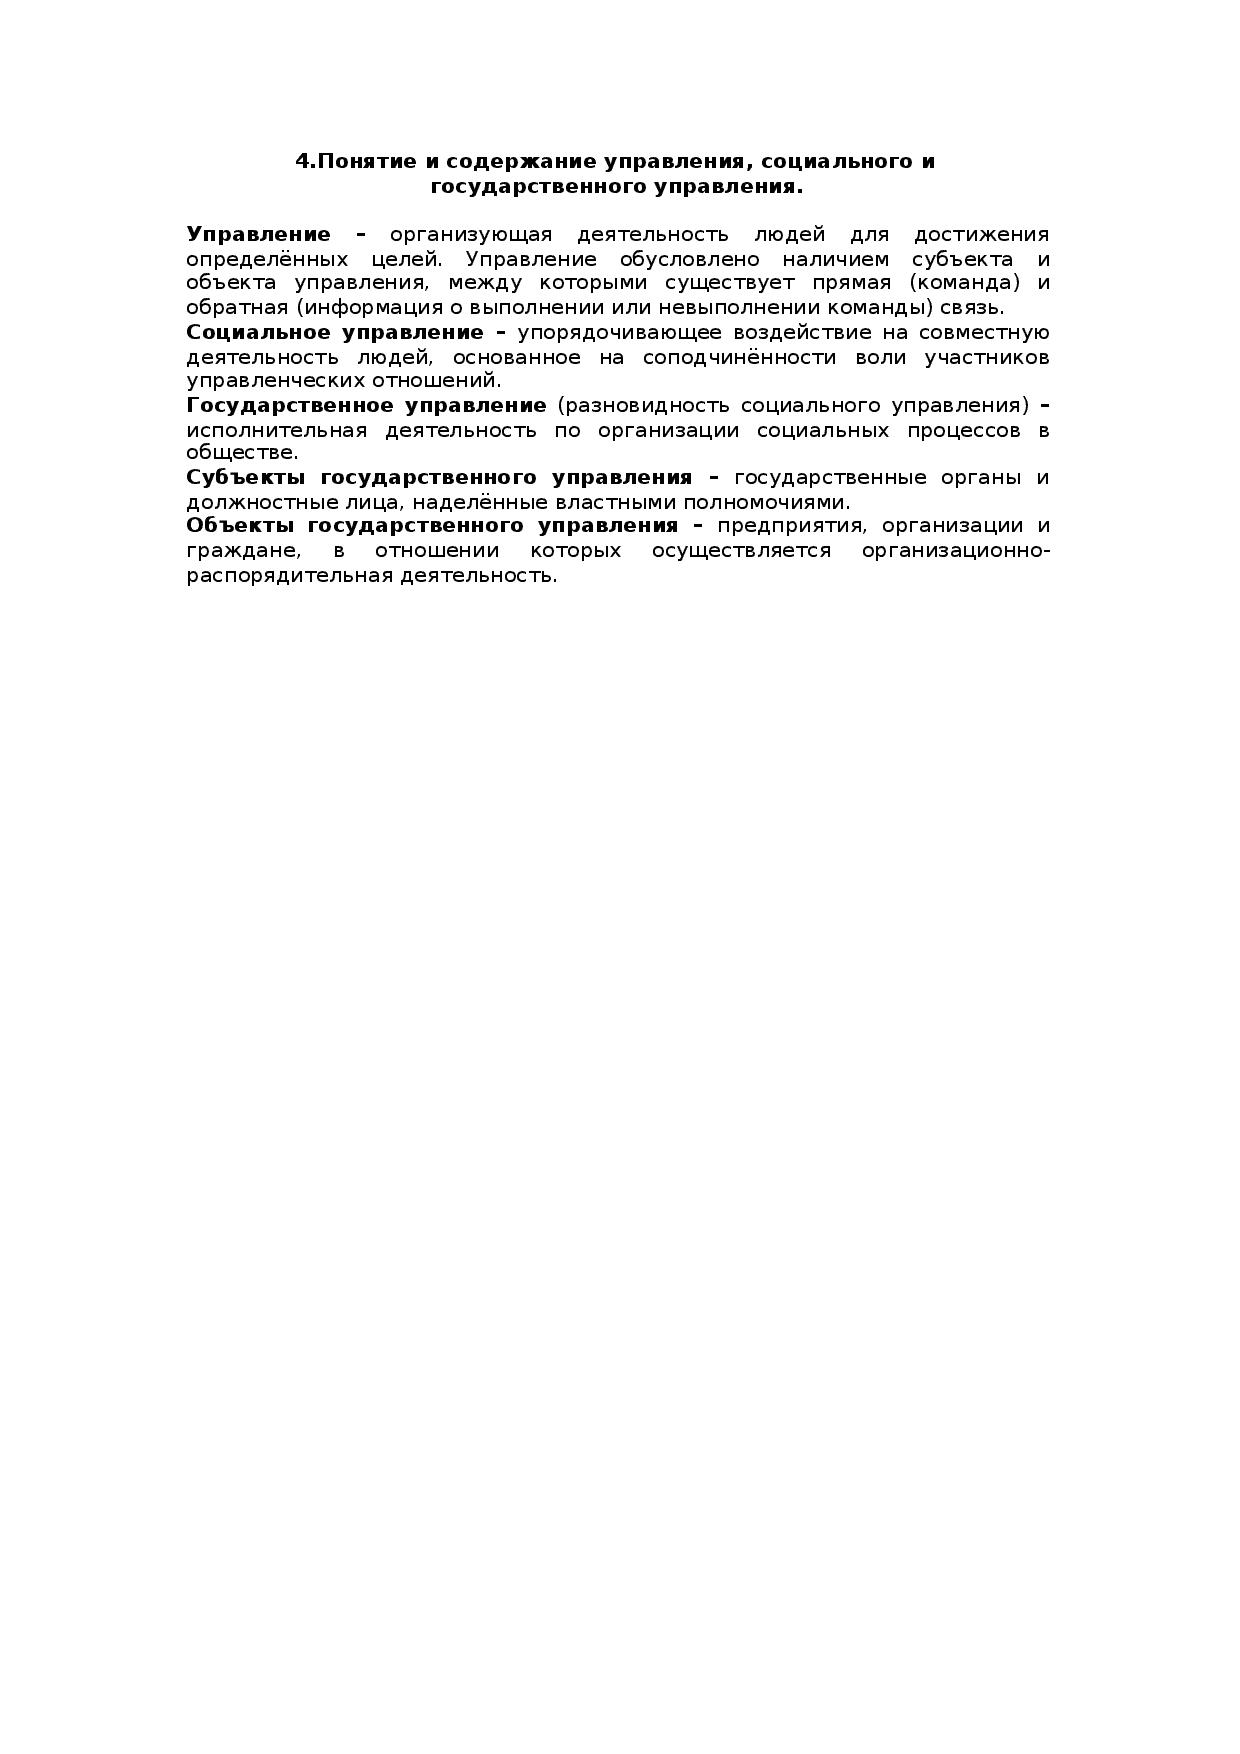 2.5. объект и субъект управления